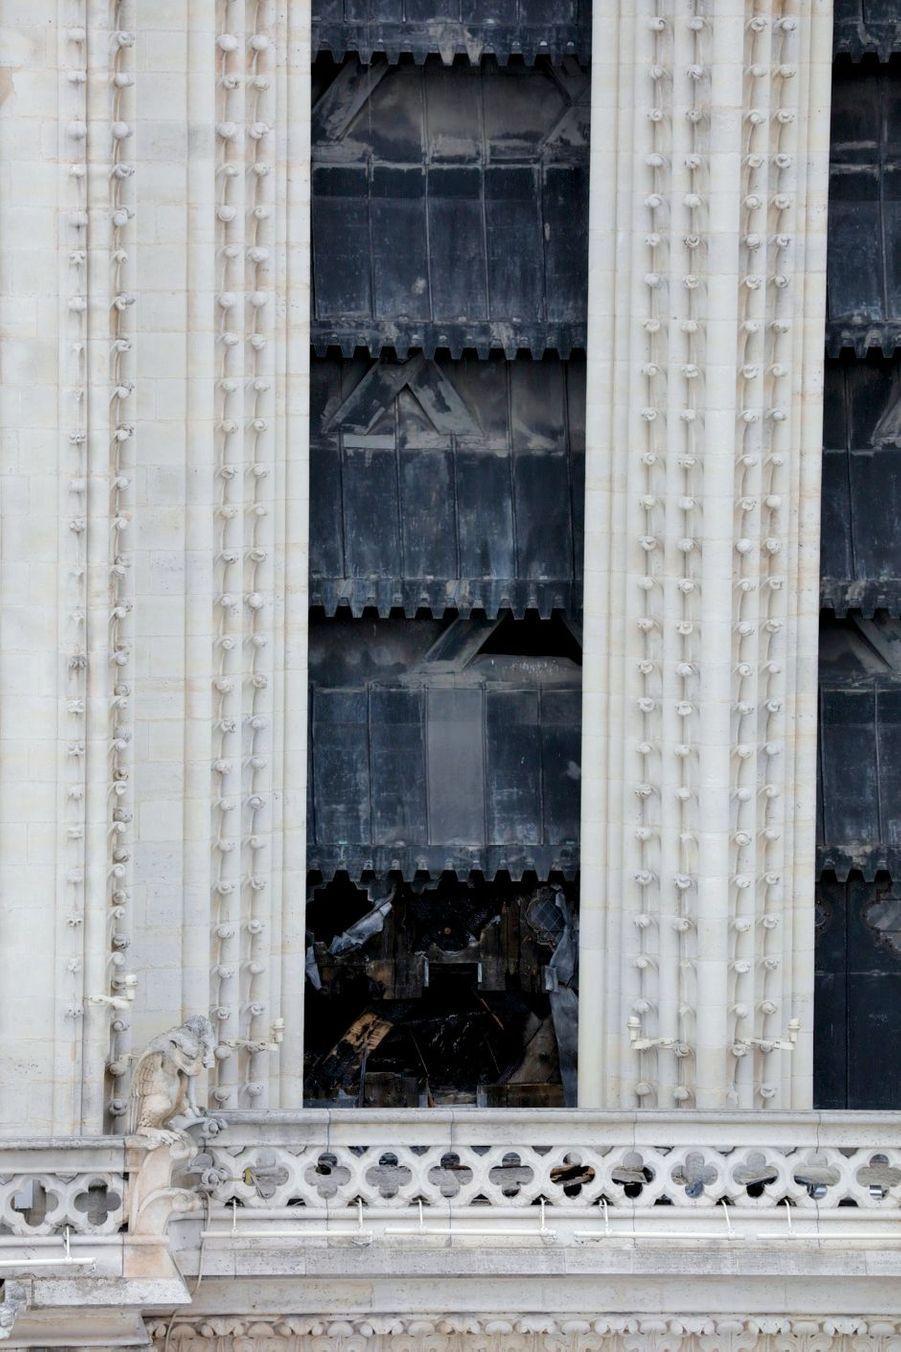 C'est par les baies supérieures, protégées par ces abat-sons habillés de métal, que le feu est entré dans la tour nord le 15 avril, attaquant la structure en bois soutenant les cloches